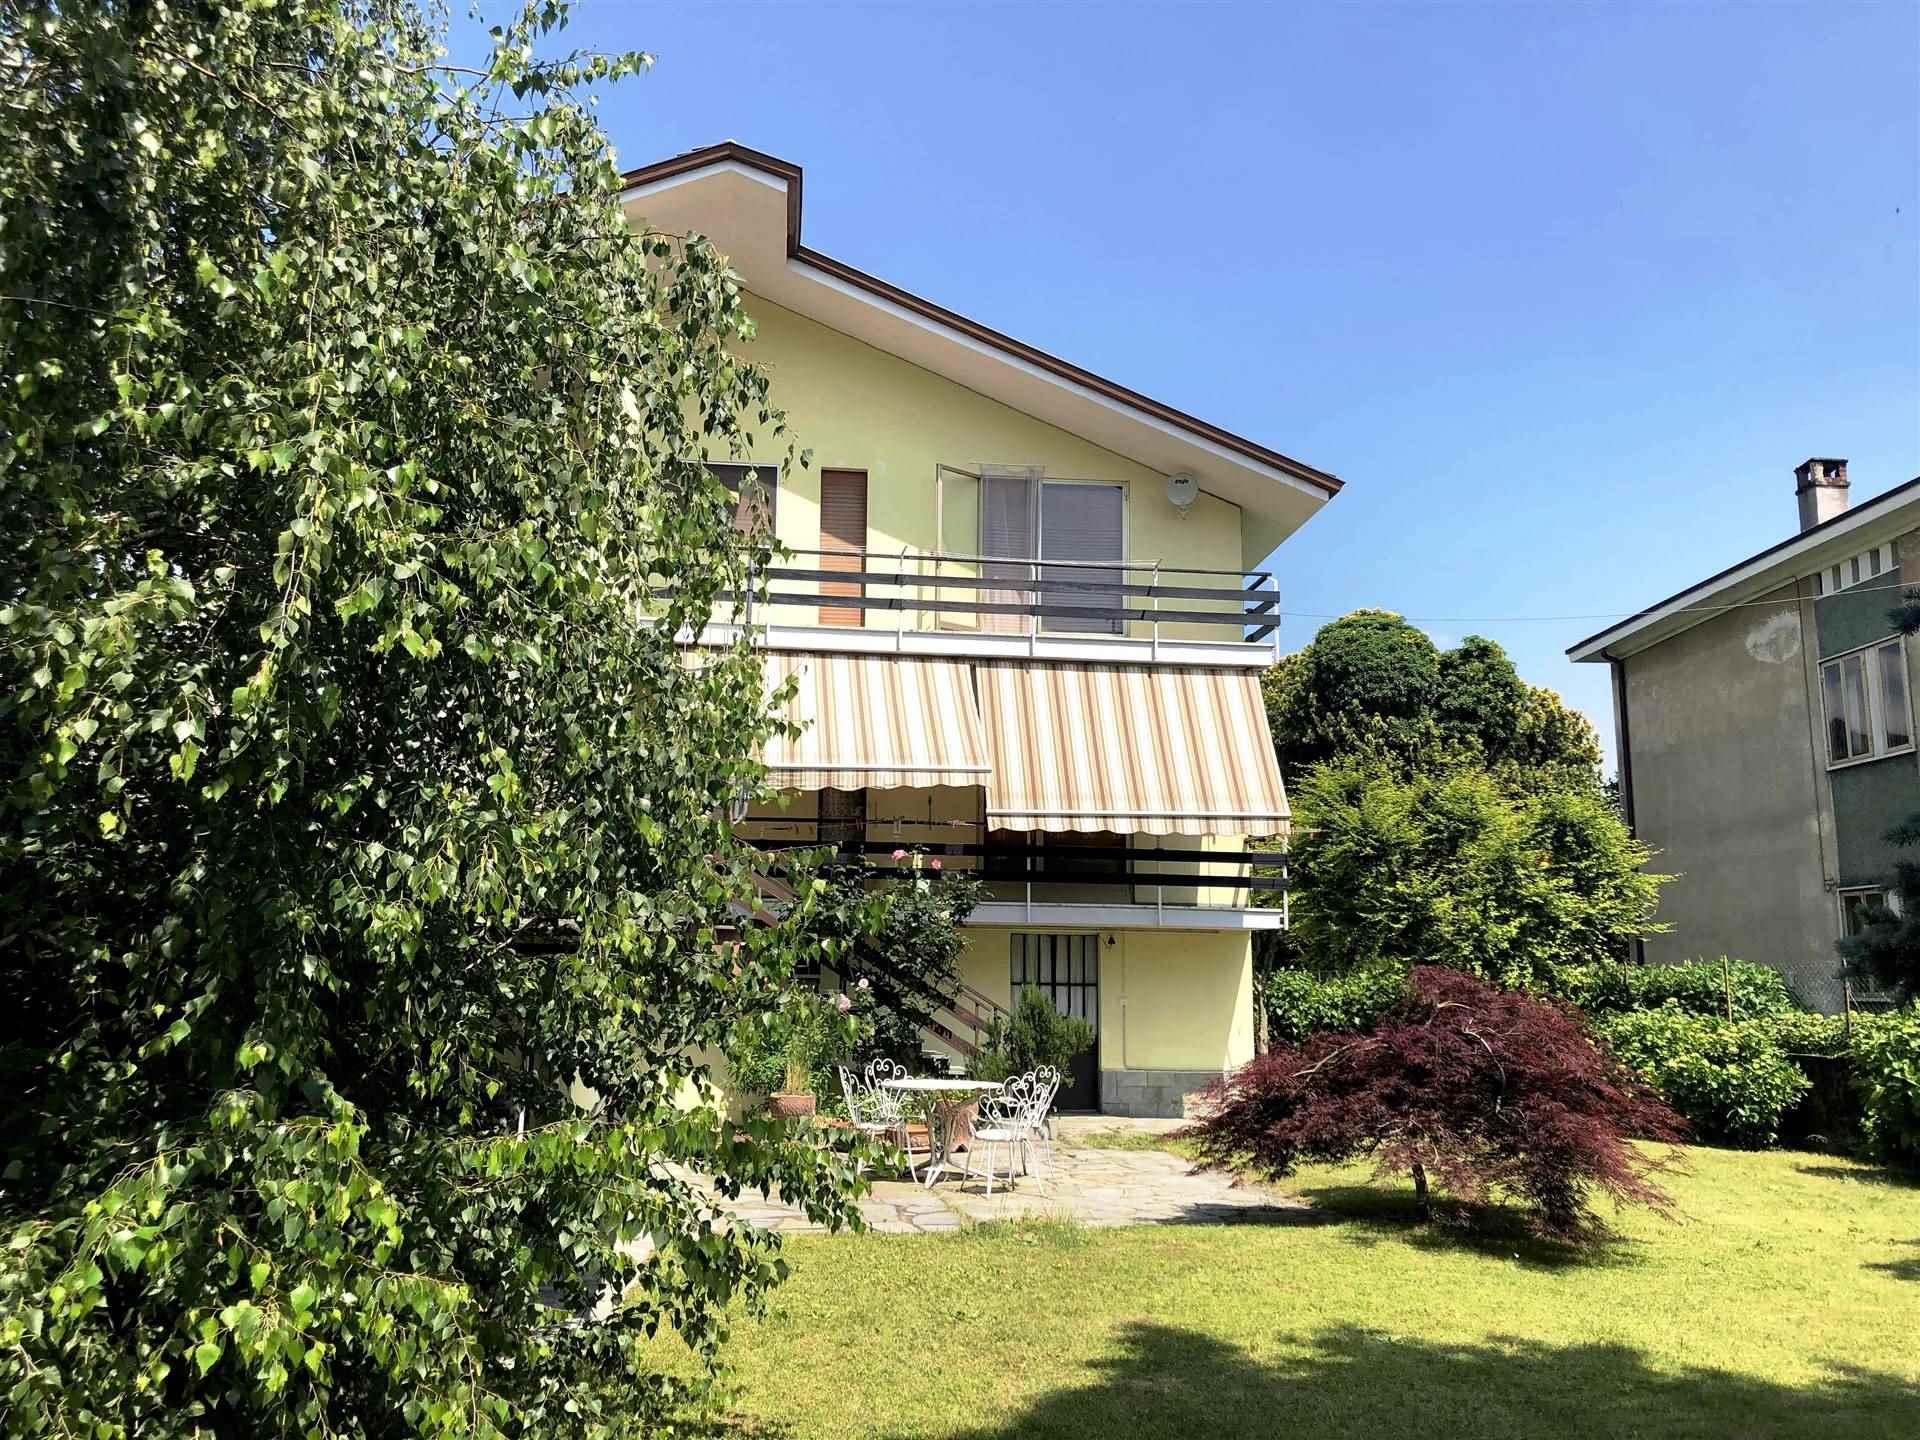 Appartamento in vendita a Montalto Dora, 5 locali, prezzo € 129.000 | CambioCasa.it